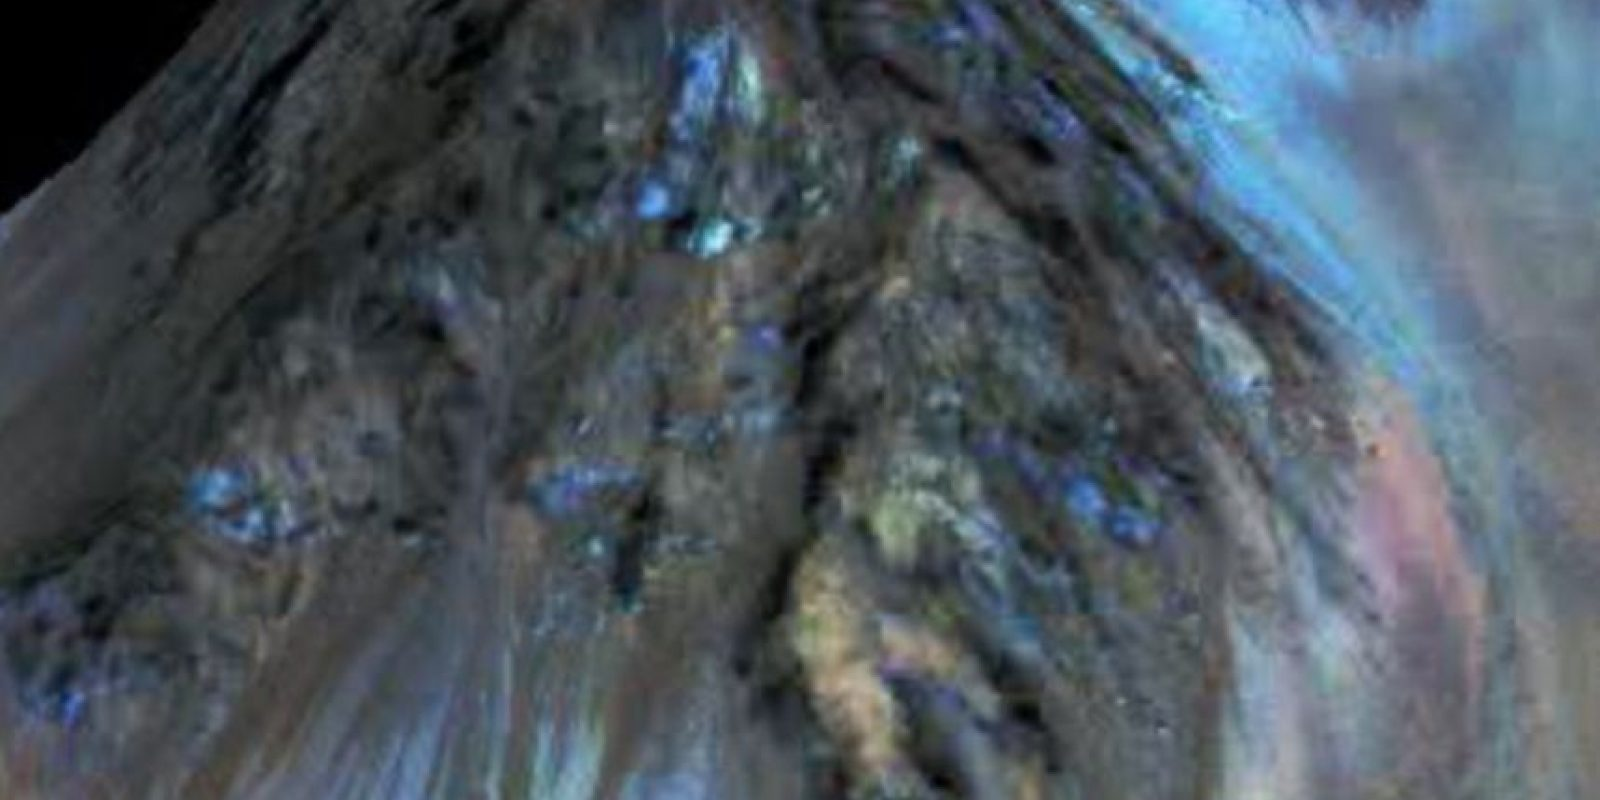 Las imágenes fueron analizadas por la sonda Reconnaissance Orbiter (MRO). Foto:Vía Nasa.gov